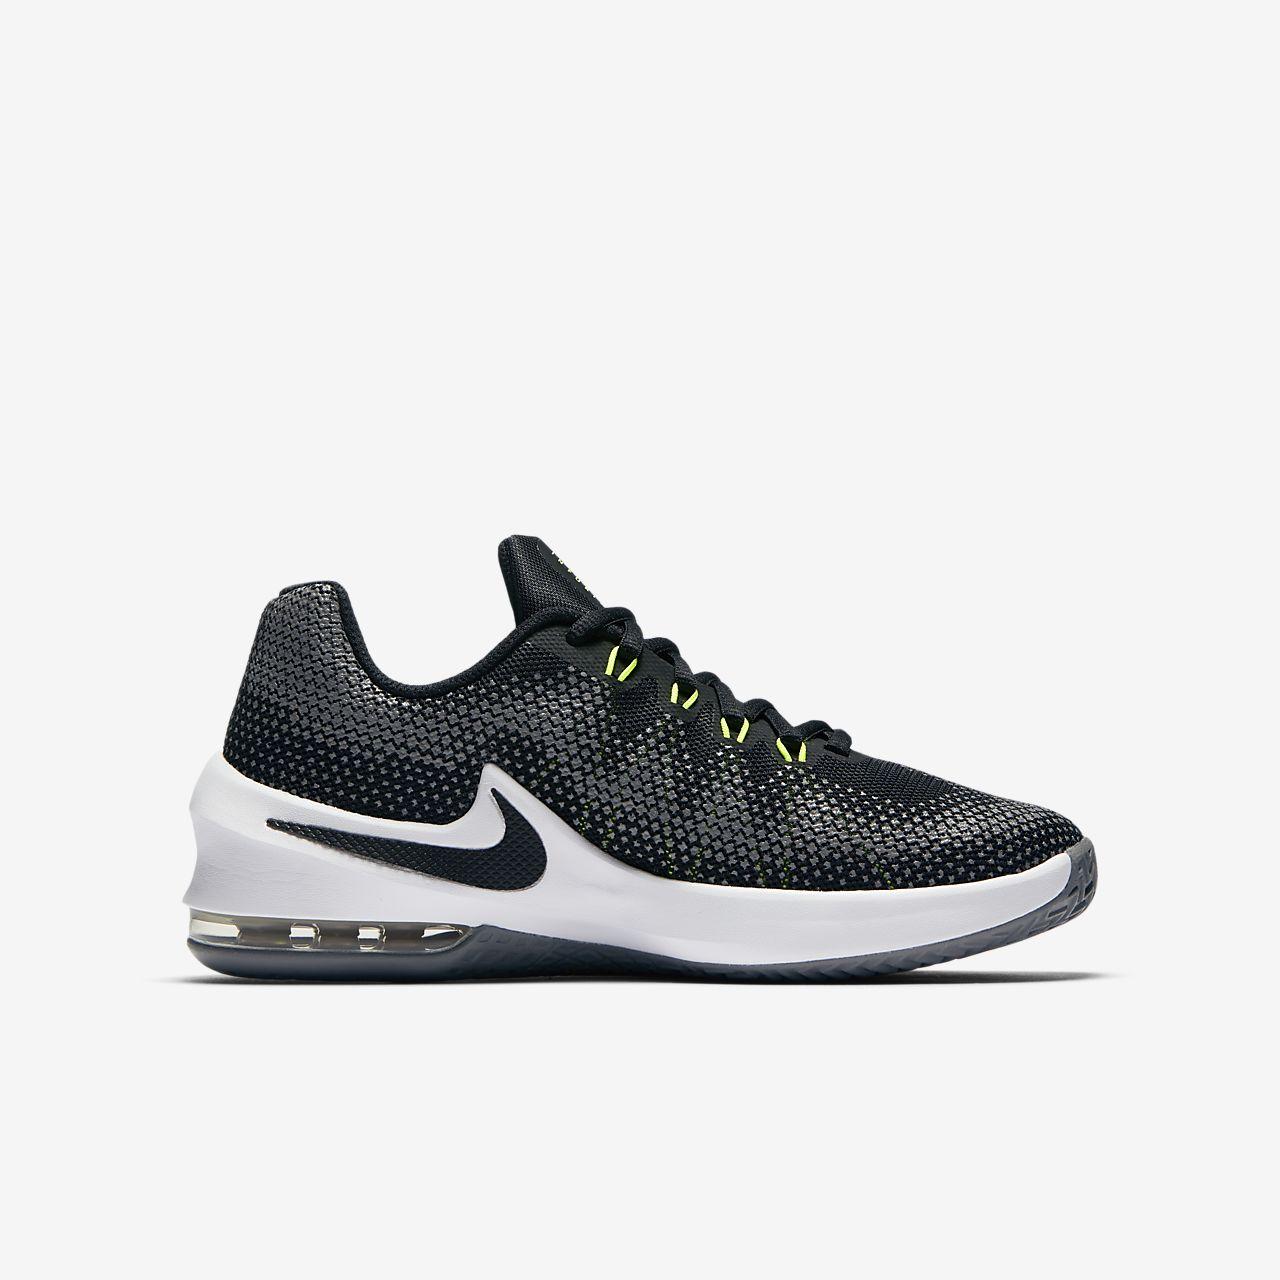 ... Nike Air Max Infuriate Big Kids' Basketball Shoe